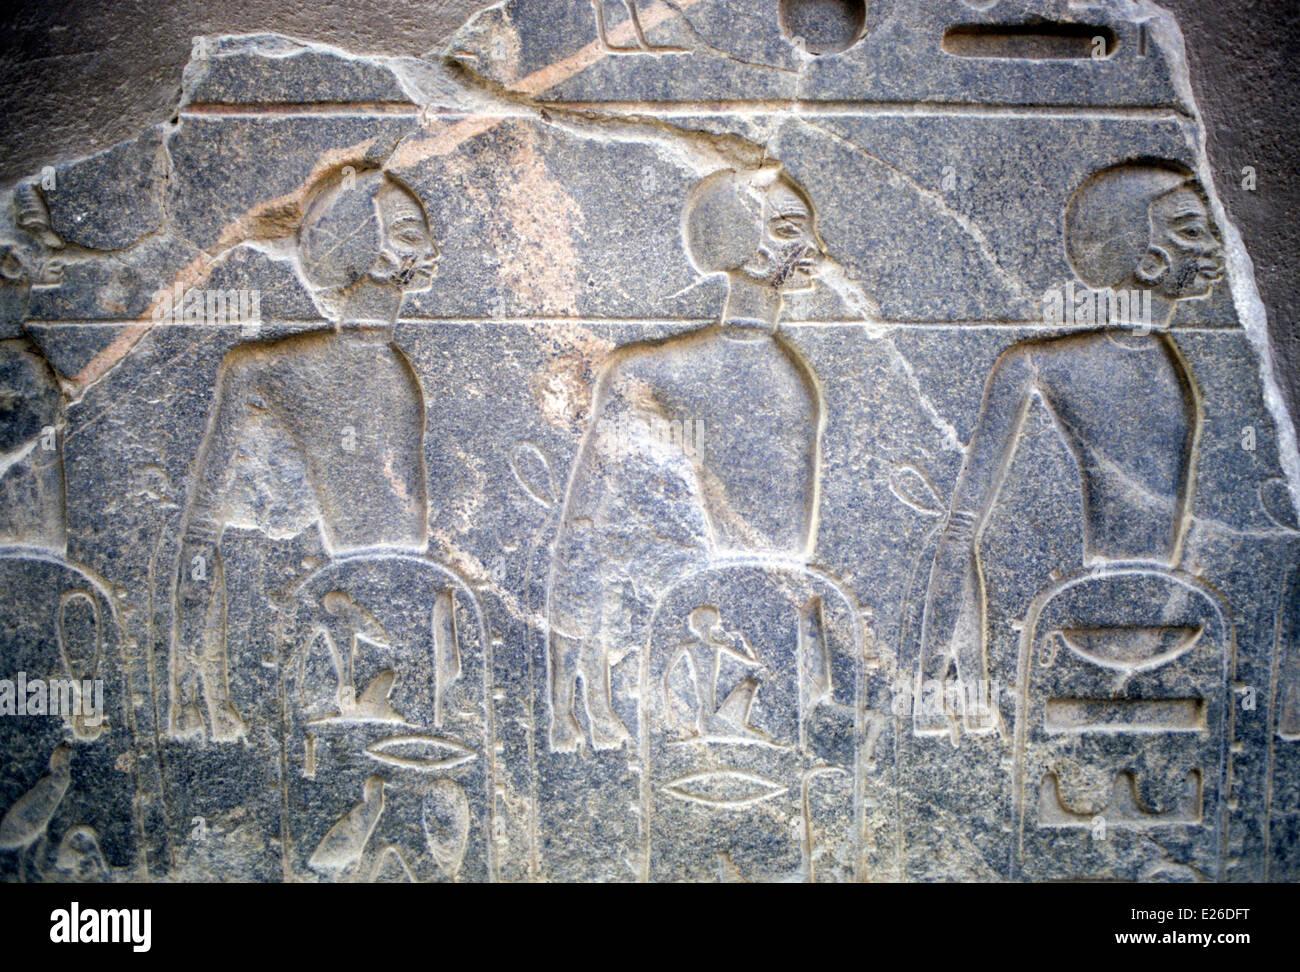 La historia egipcia,luxor,la representación de negros de Africa,sobre el Pilón del Templo de Amenofis Imagen De Stock